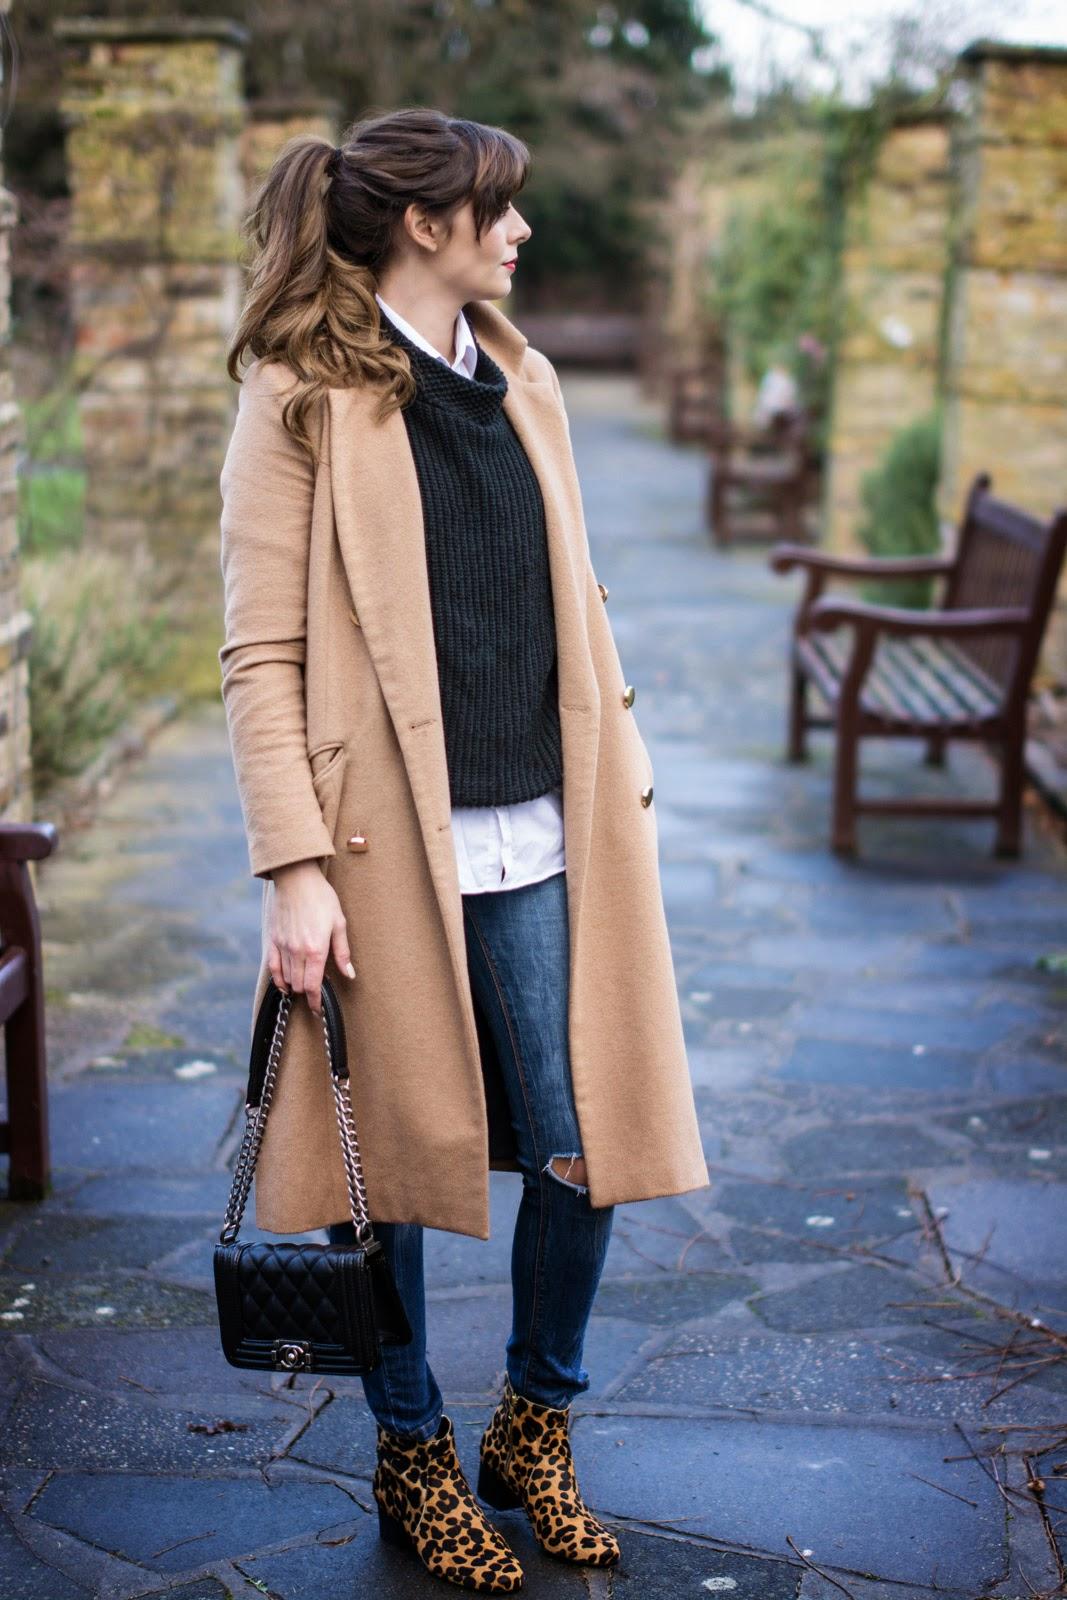 Quiero un abrigo camel. 4 propuestas irresistibles.